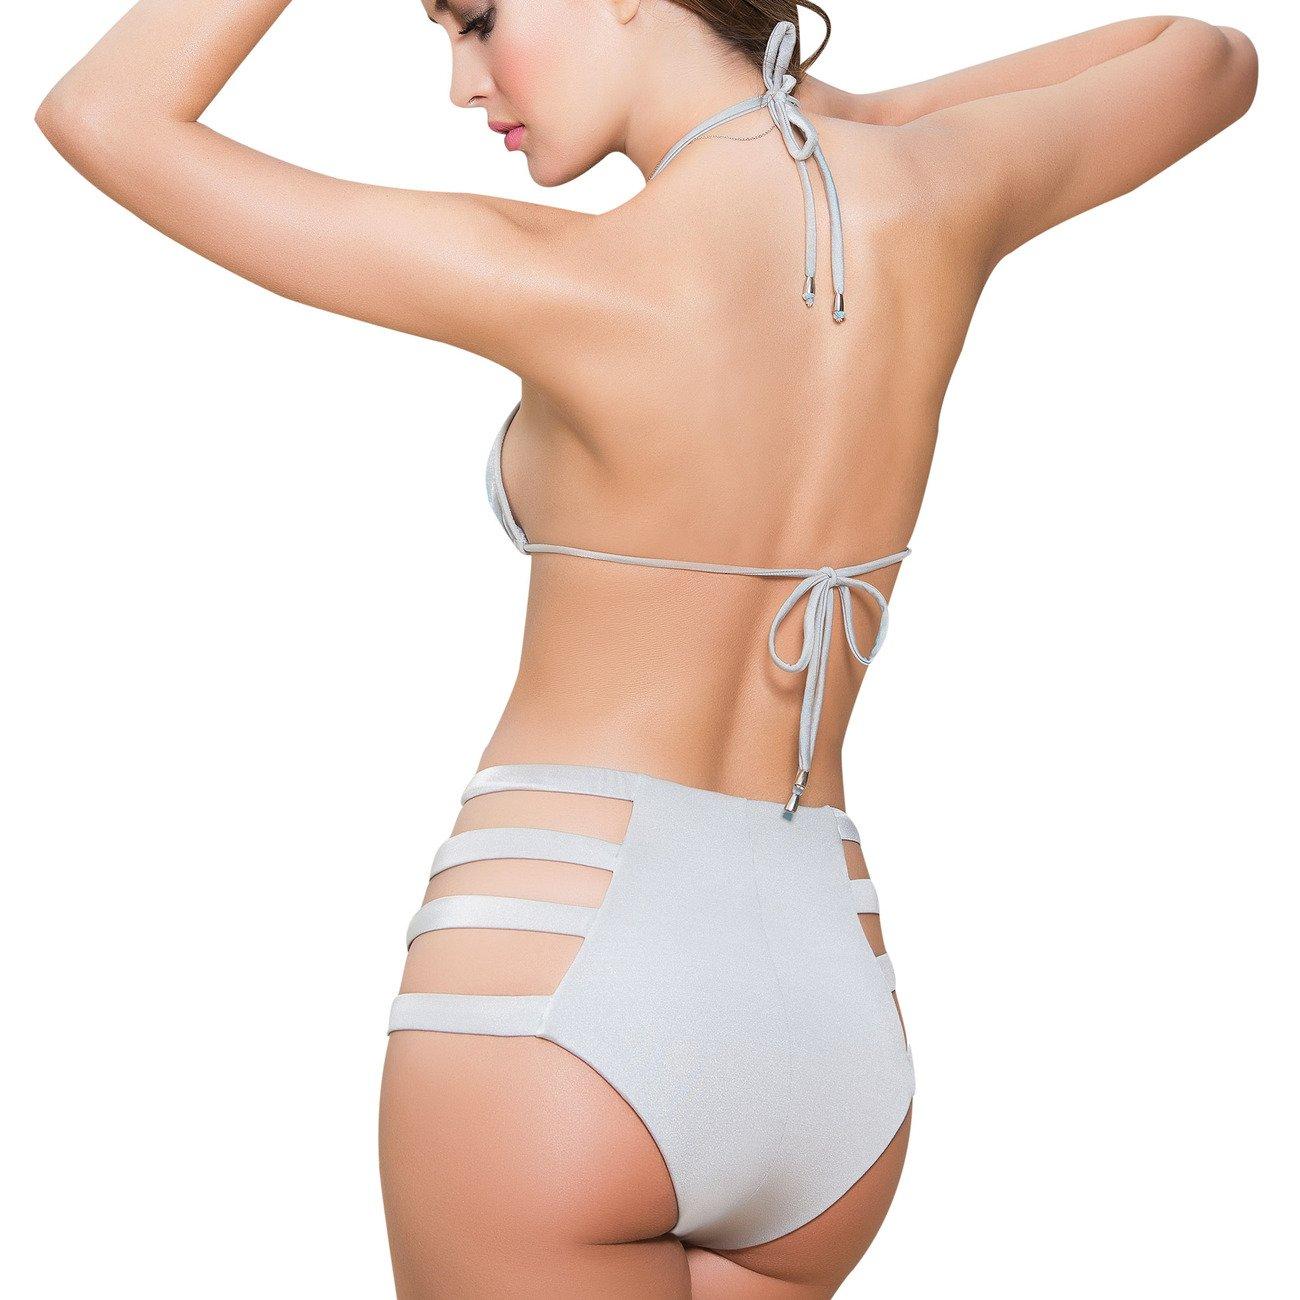 898e7af441 Amazon.com: Mapale High-Waist Cut-Out Bikini Bottom: Clothing